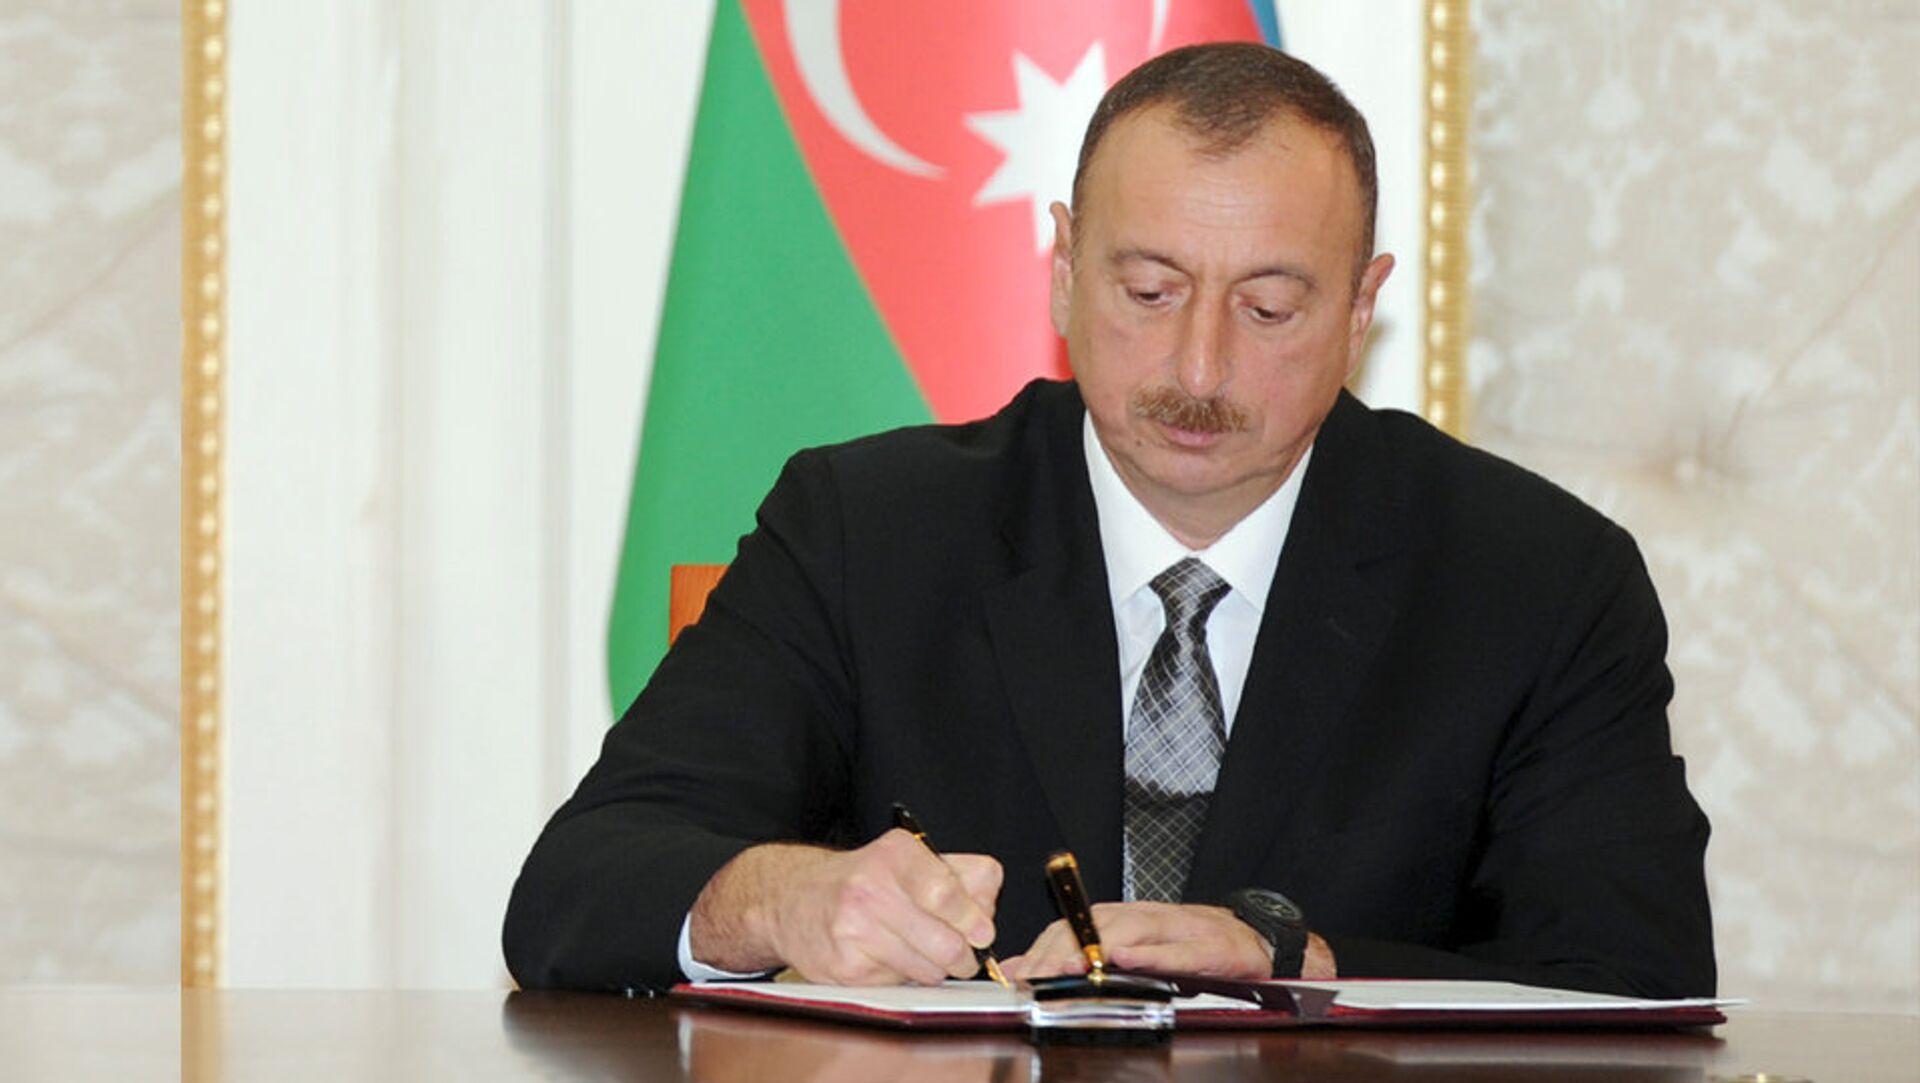 Azərbaycan Respublikasının Prezidenti İlham Əliyev - Sputnik Azərbaycan, 1920, 25.08.2021